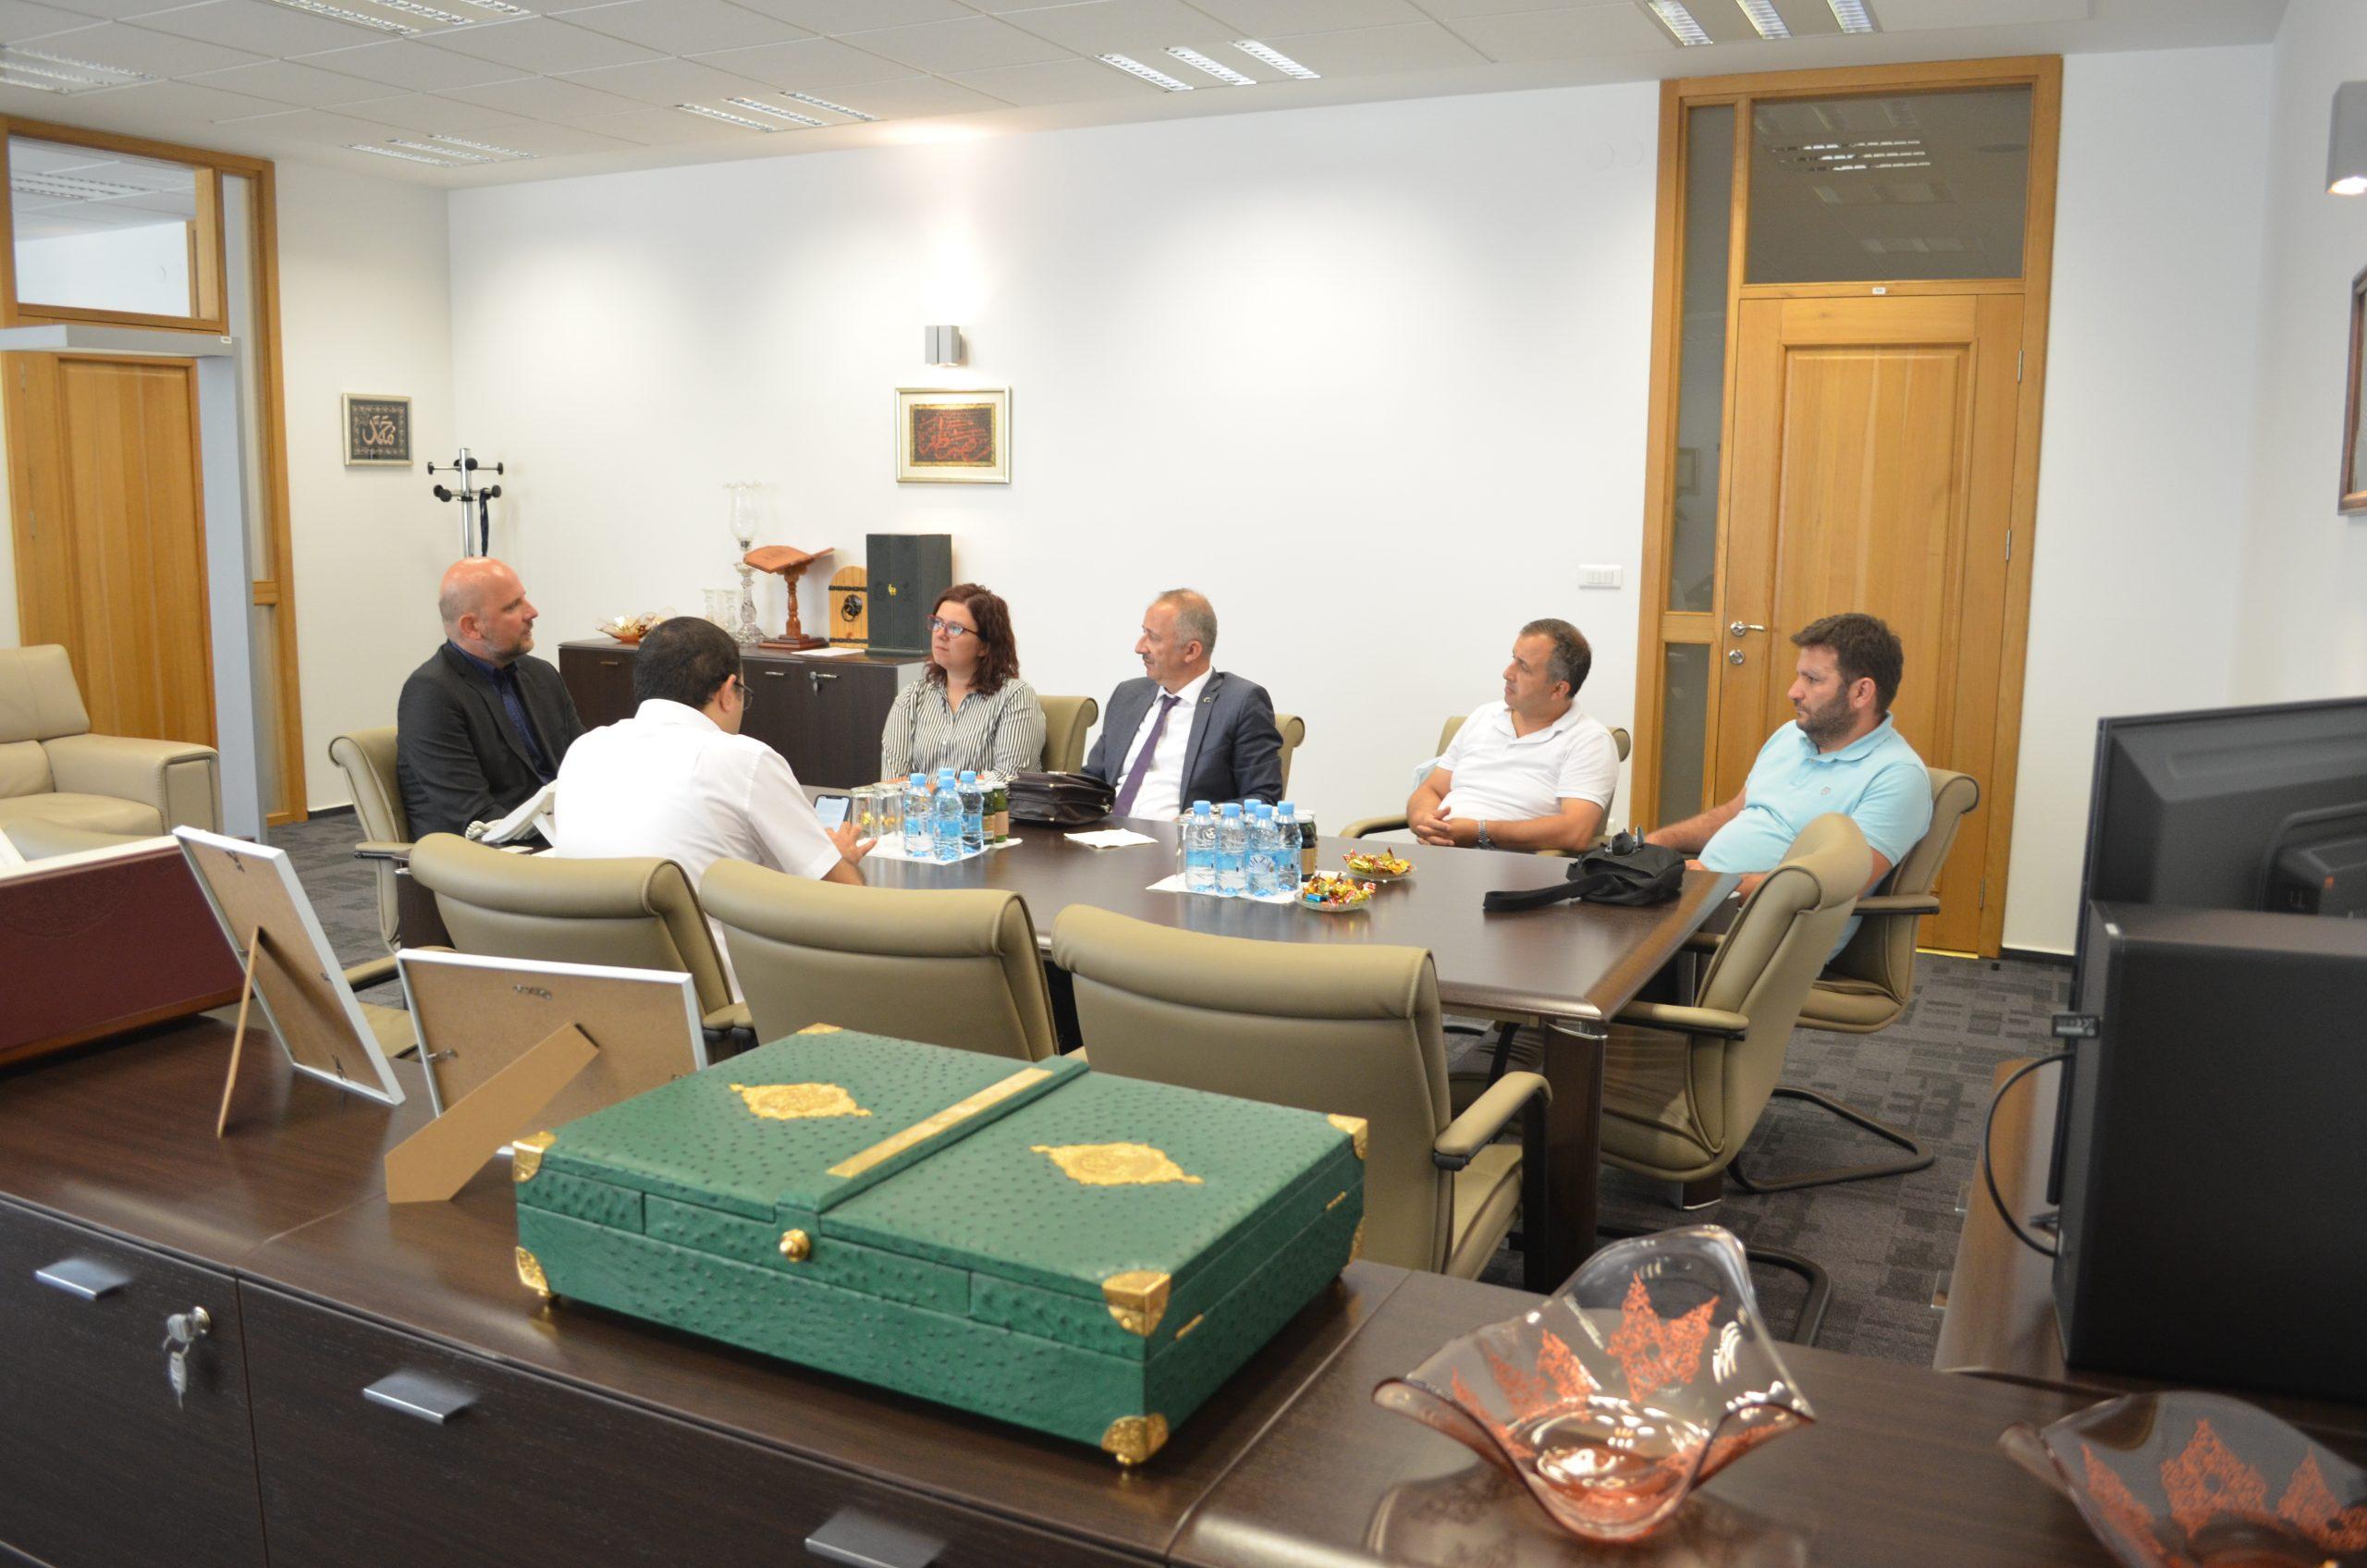 Posjeta direktora Državnog arhiva Republike Turske Gazi Husrev-begovoj biblioteci u Sarajevu